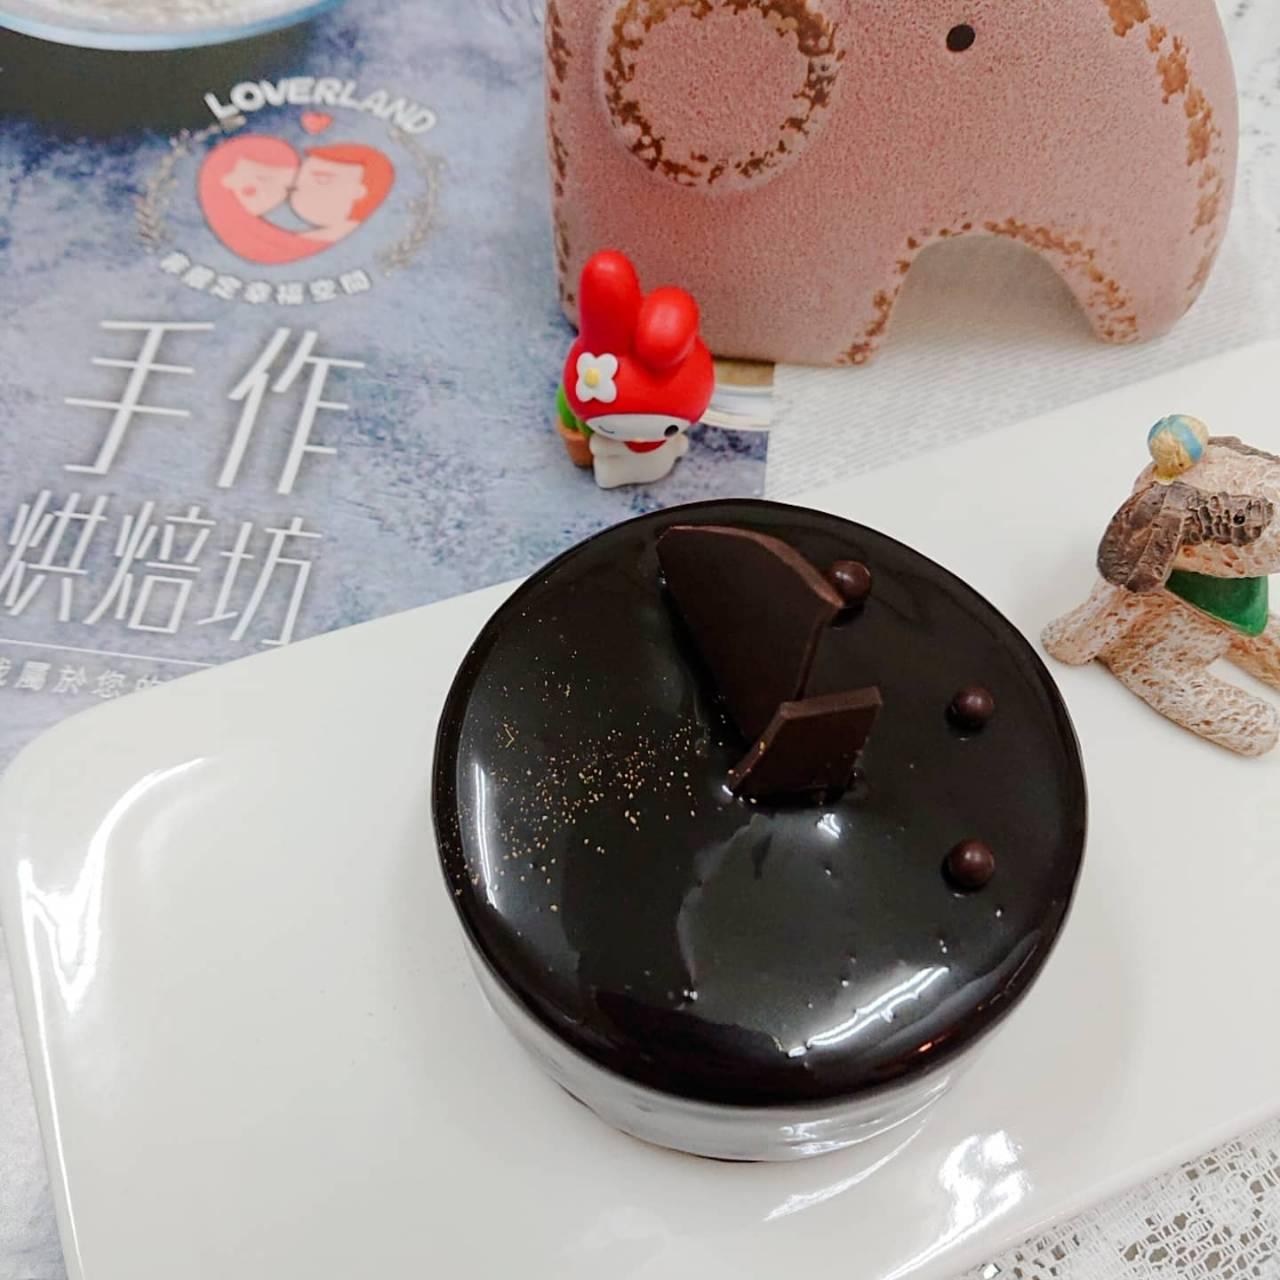 海鹽焦糖巧克力蛋糕  Sea Salt Caramel Chocolate Mousse (不適用冷凍宅配,限自取)